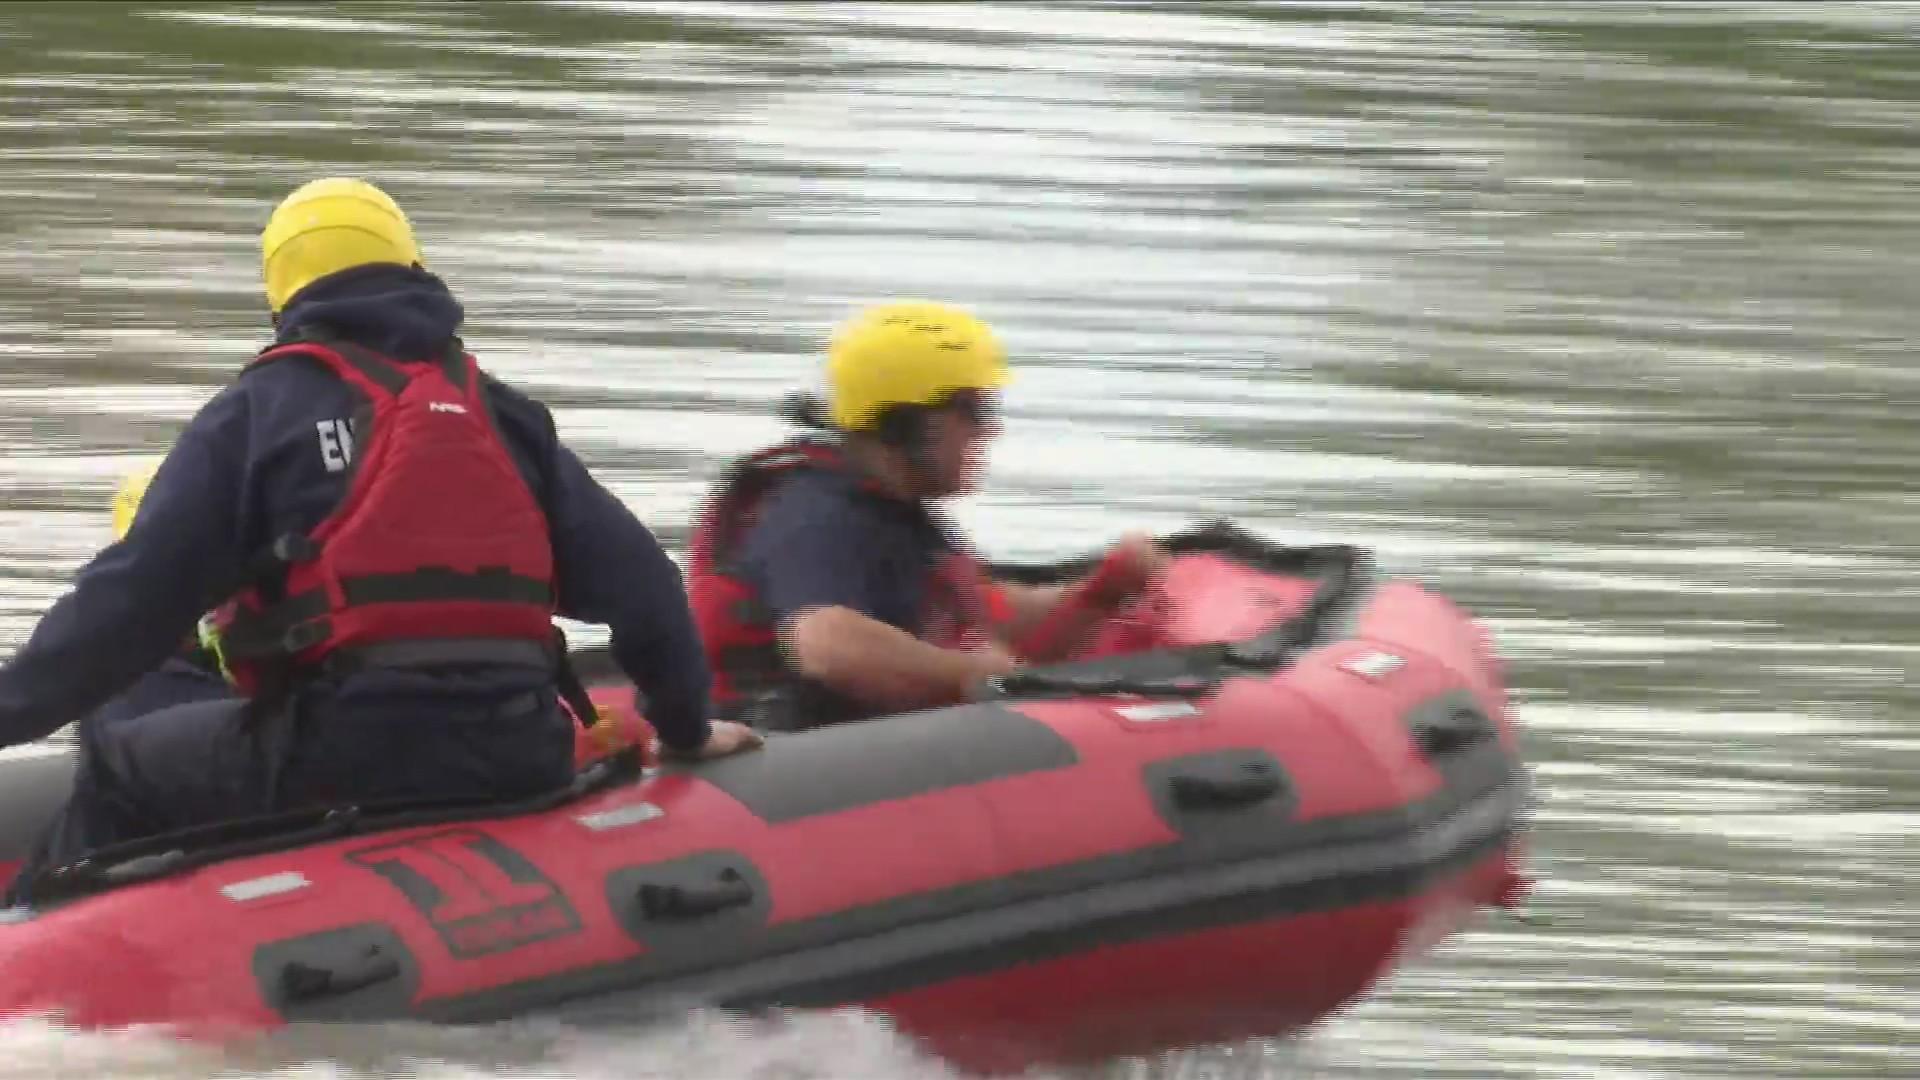 River rescue boat